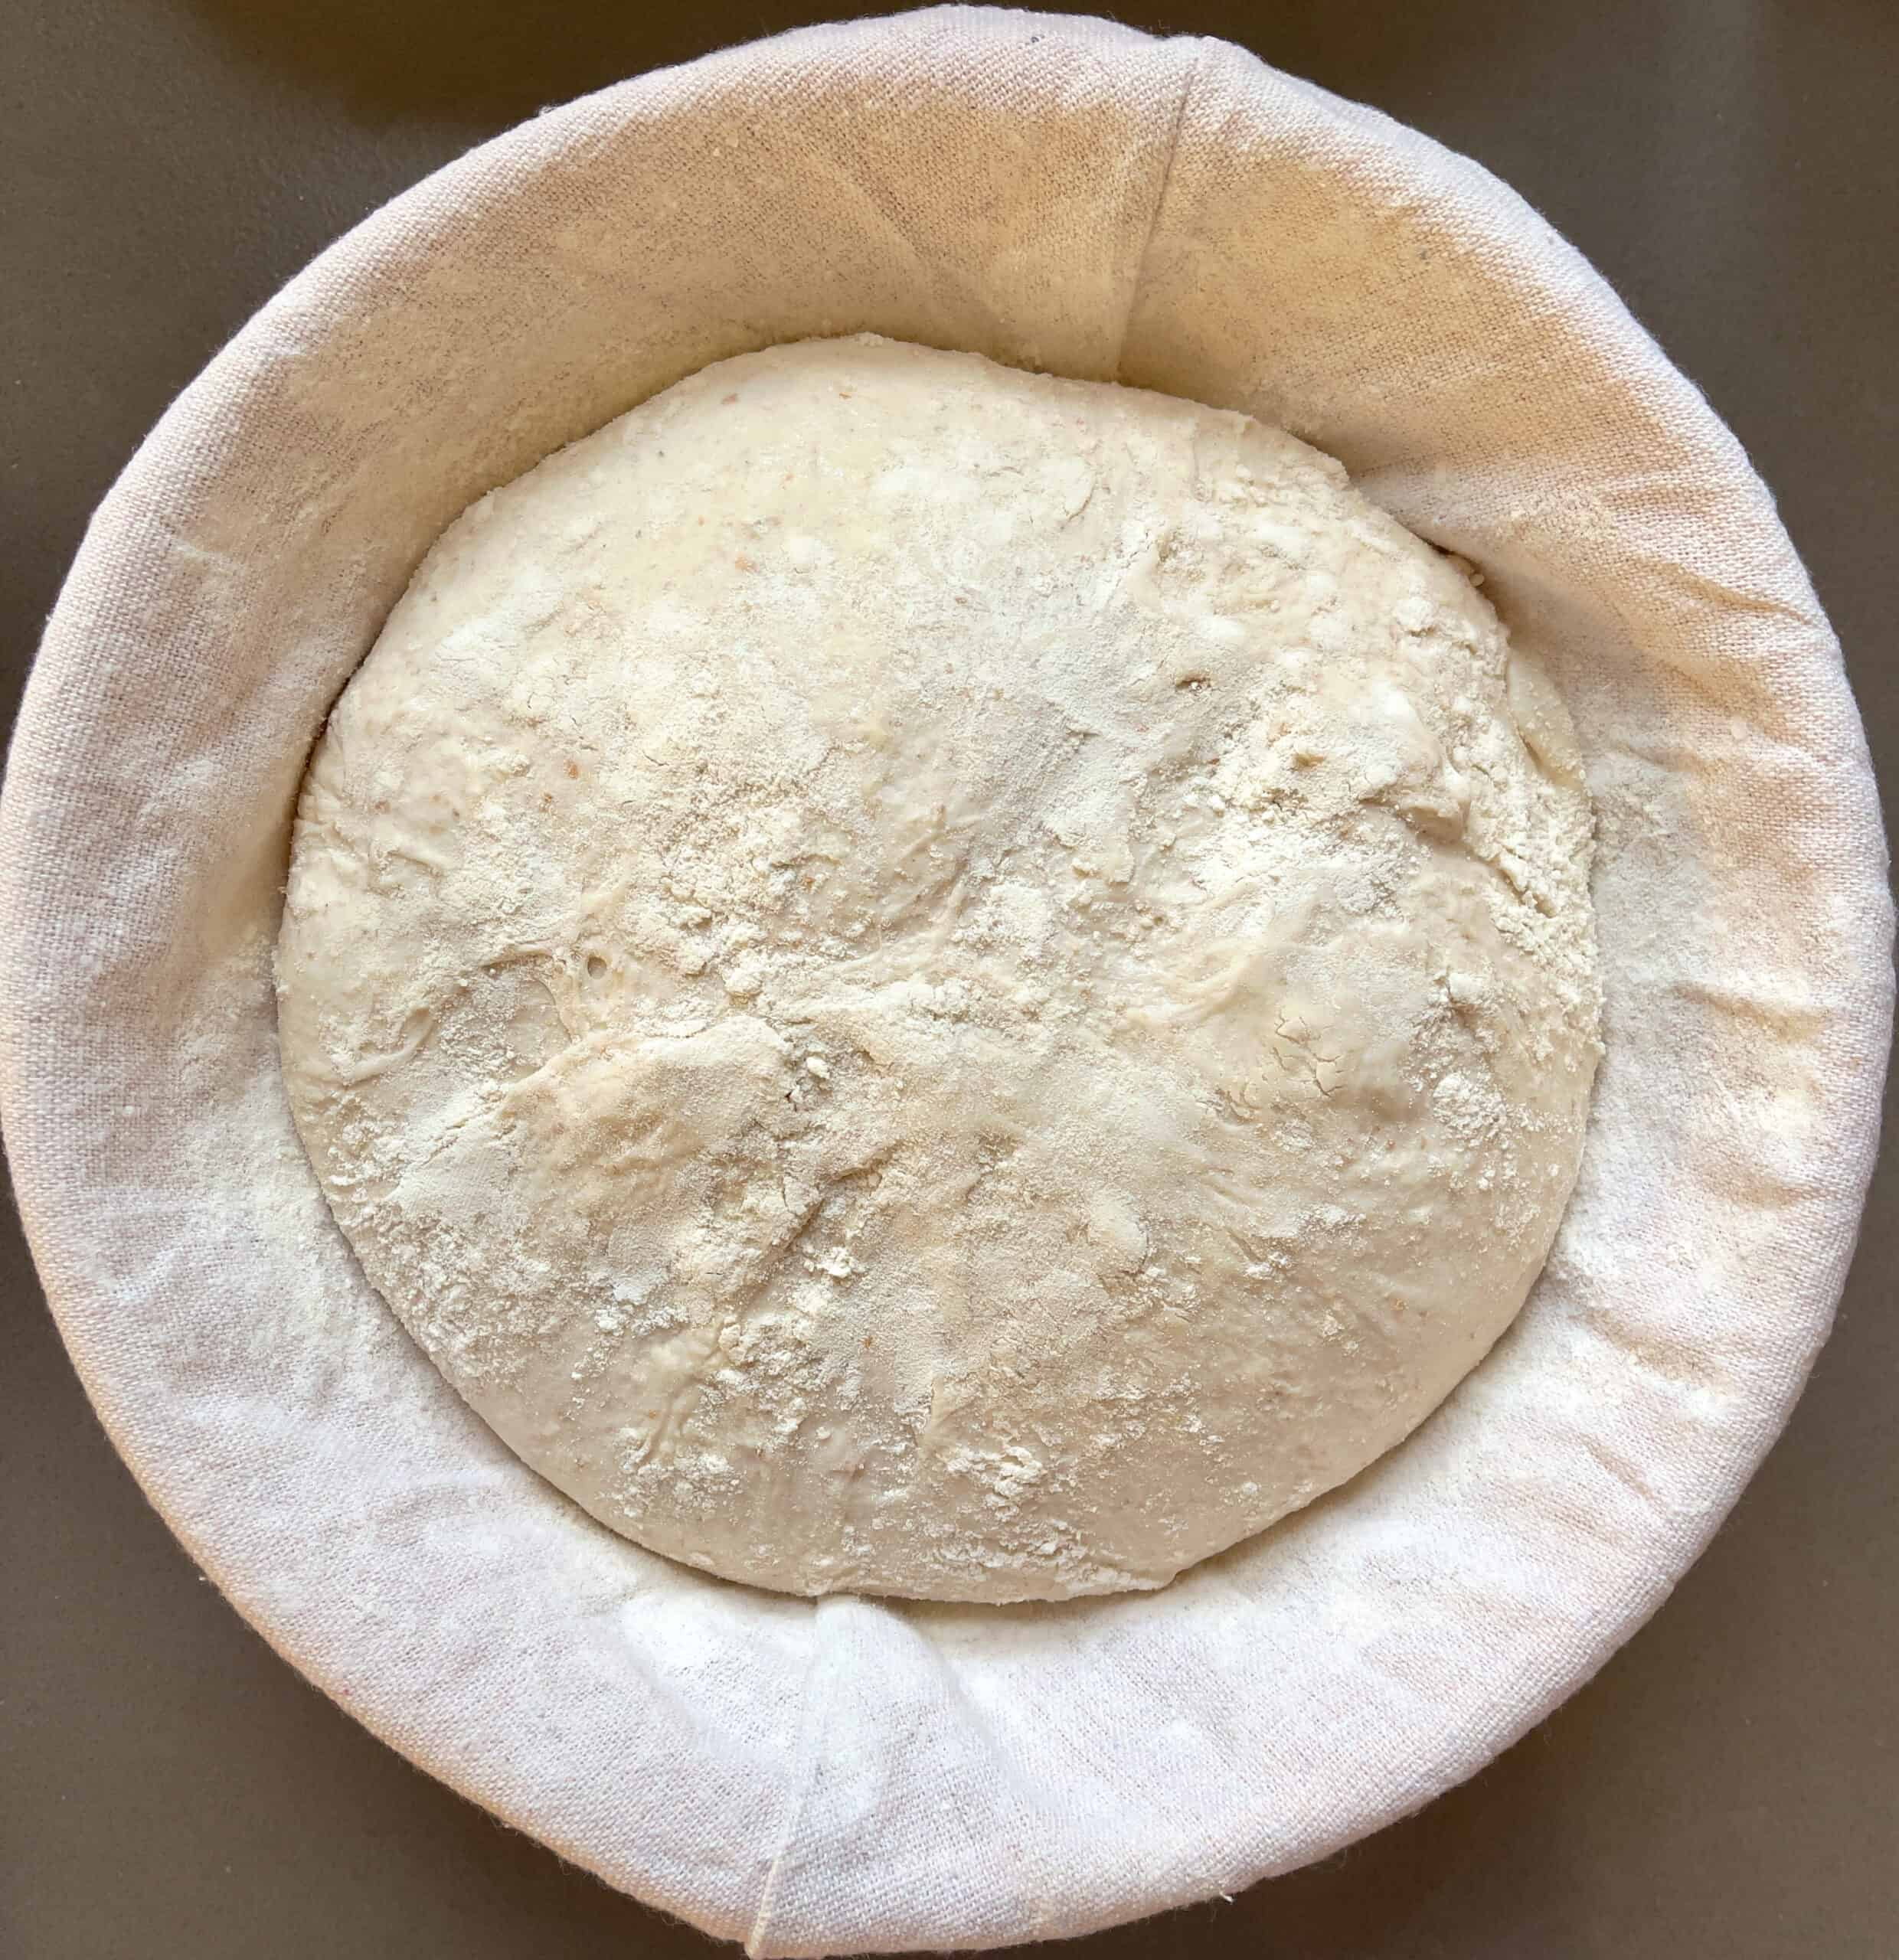 Beginners sourdough bread recipe (Bread with prozimi) rising